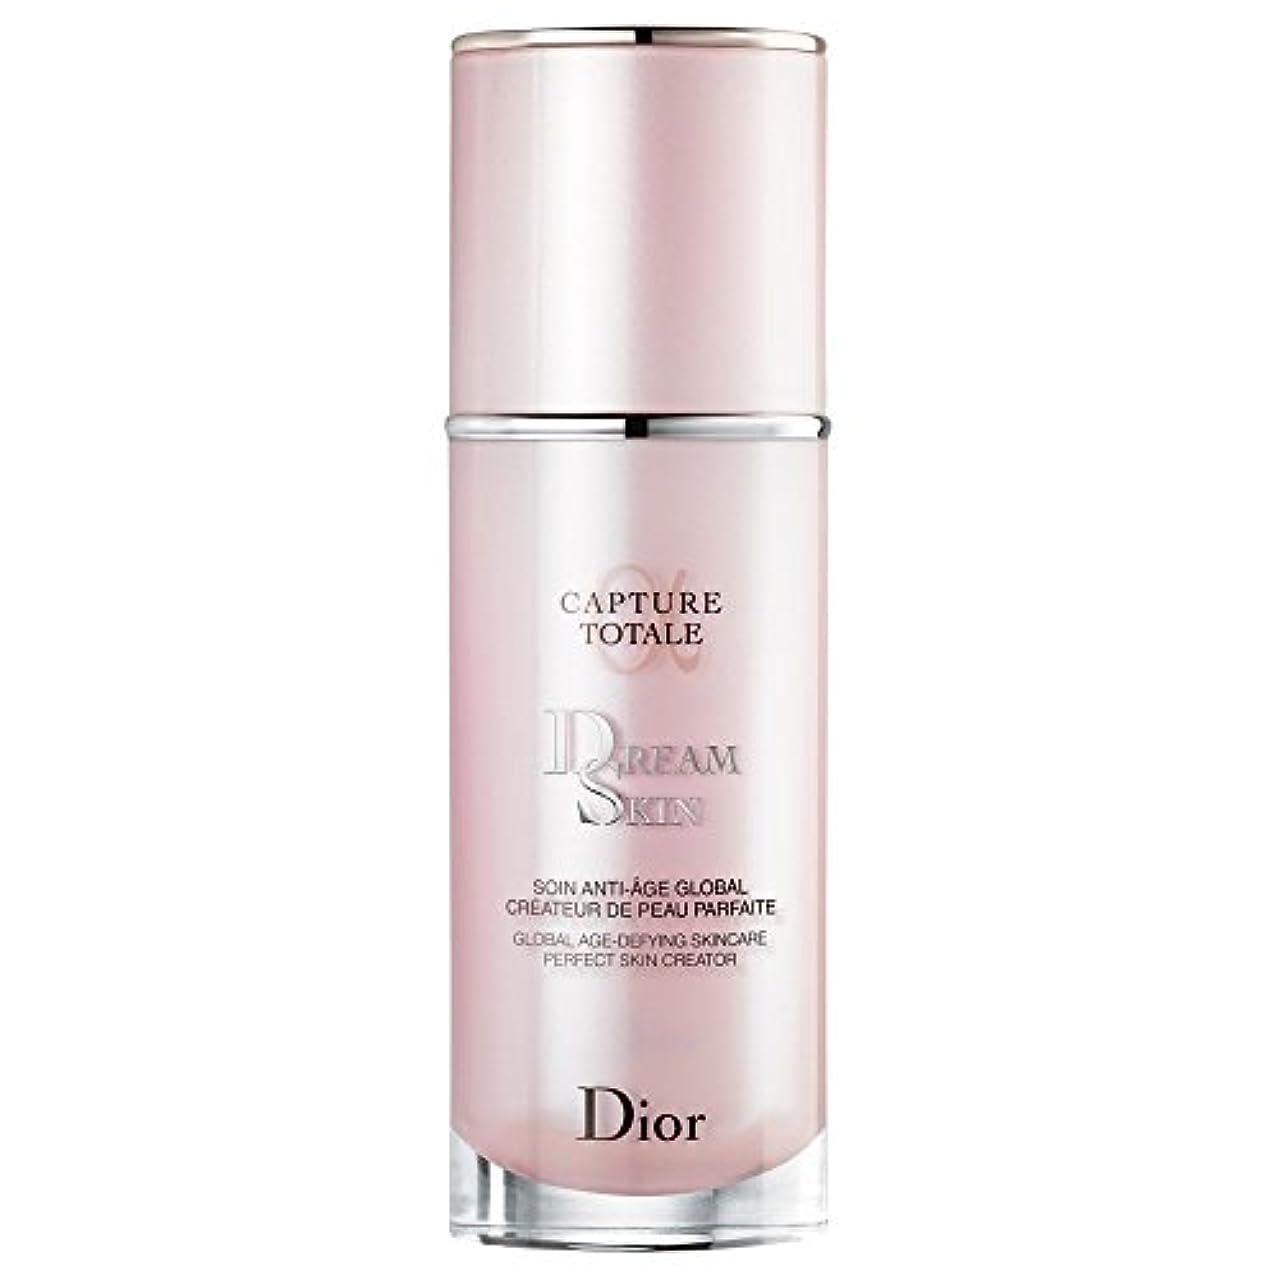 補助金成分アルバニー[Dior] ディオールキャプチャカプチュールトータルDreamskin血清50ミリリットル - Dior Capture Totale Dreamskin Serum 50ml [並行輸入品]